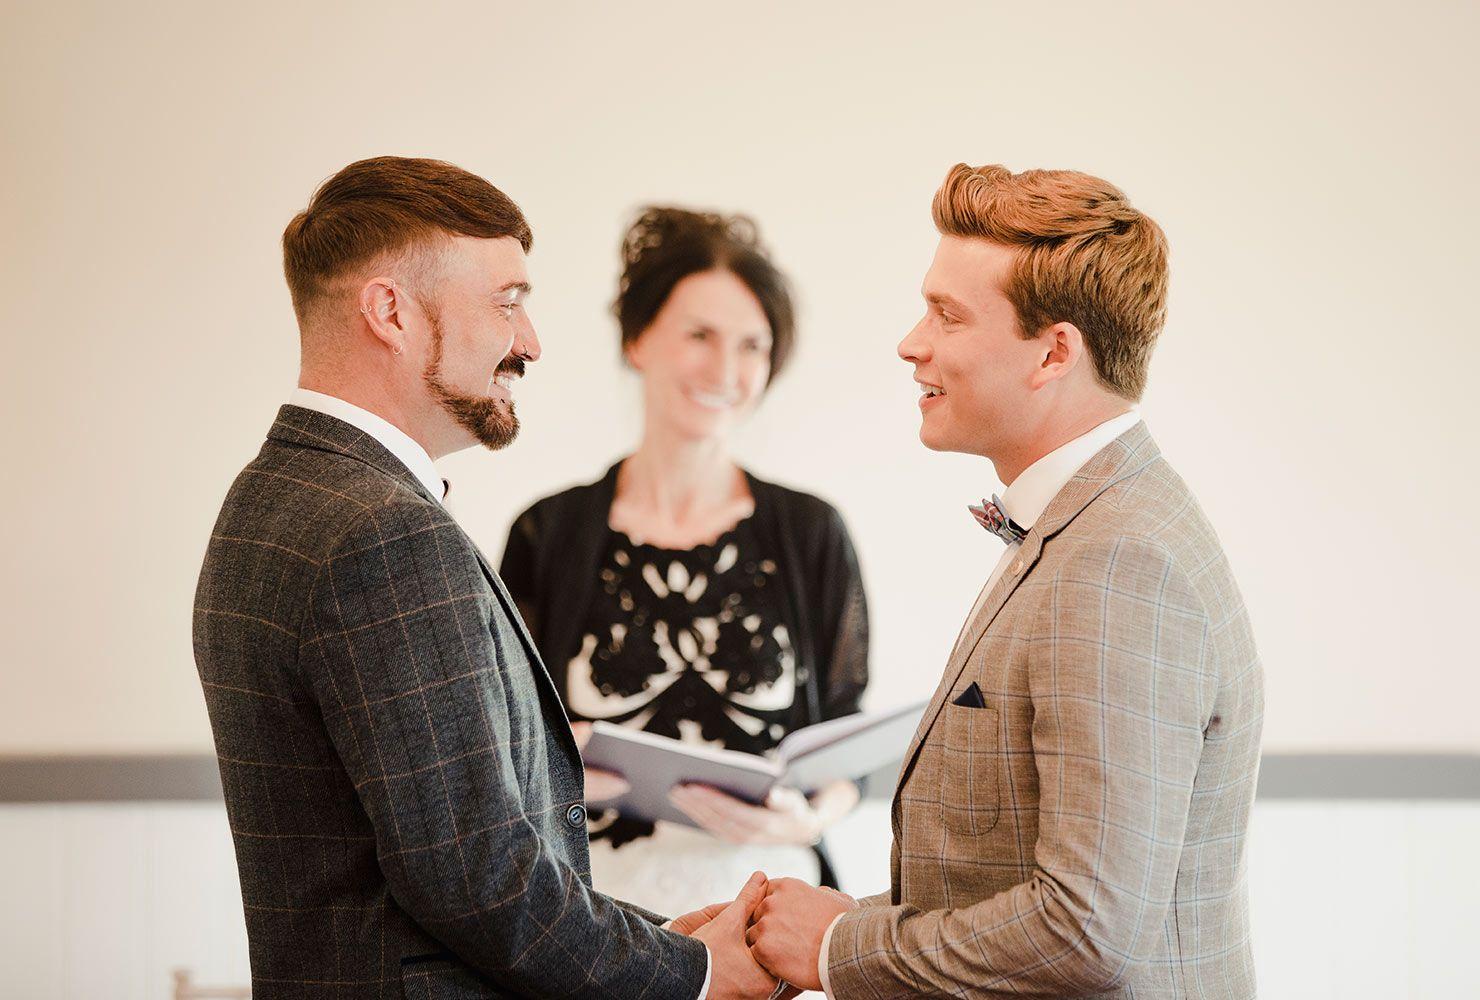 Wedding Officiant Speech Ideas For A Friend's Wedding